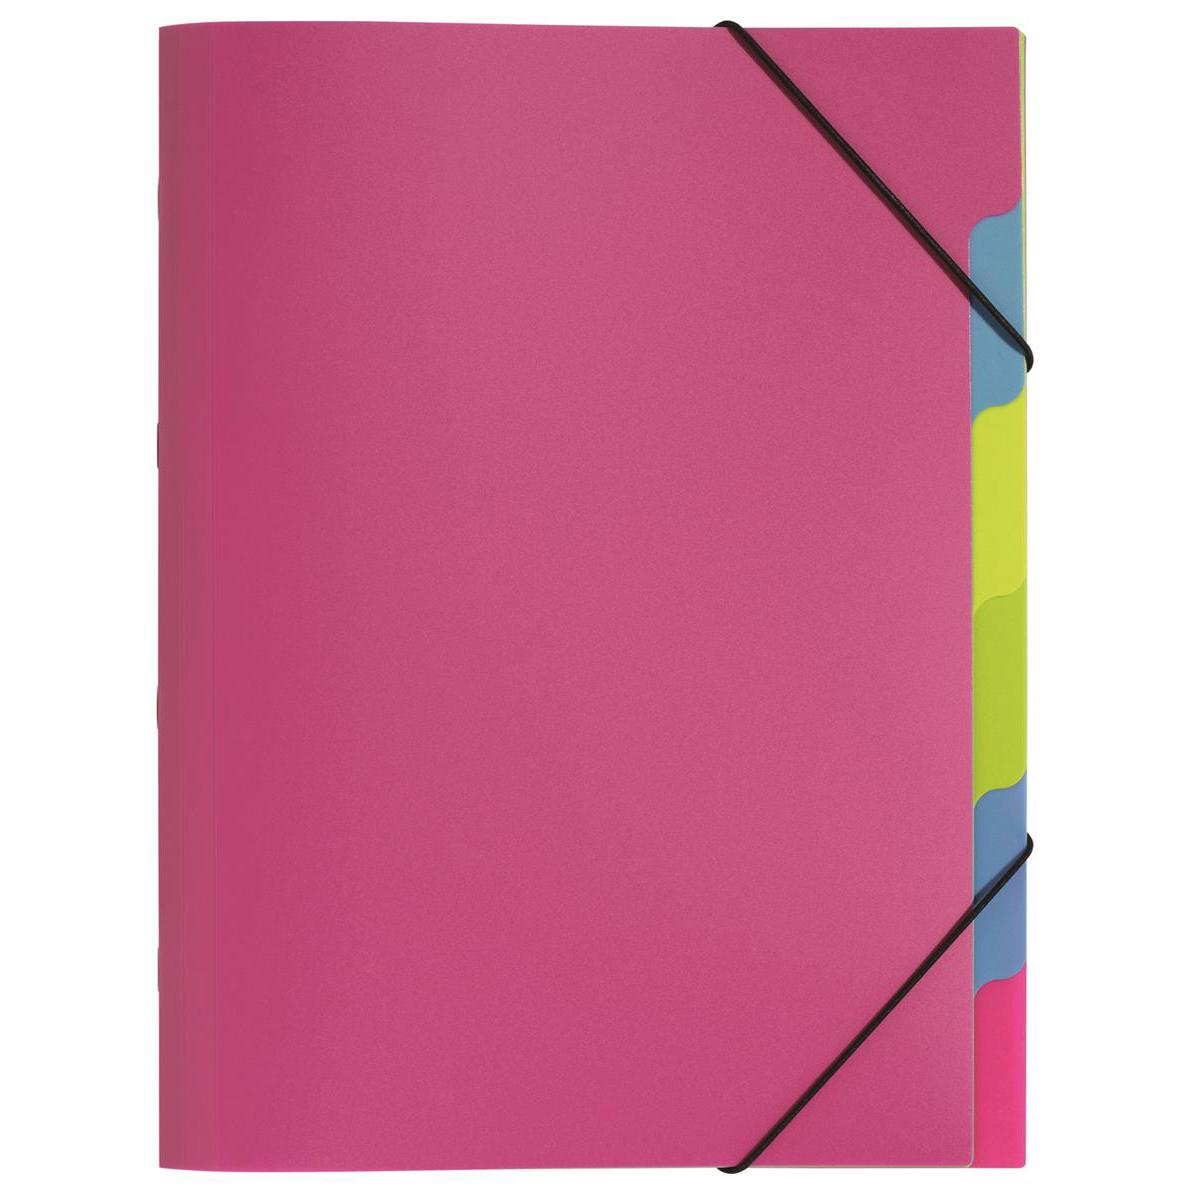 Pagna Fresh 5 Part File Elastic Corner Straps Polypropylene A4 Pink Ref 4180334 [Pack 10]